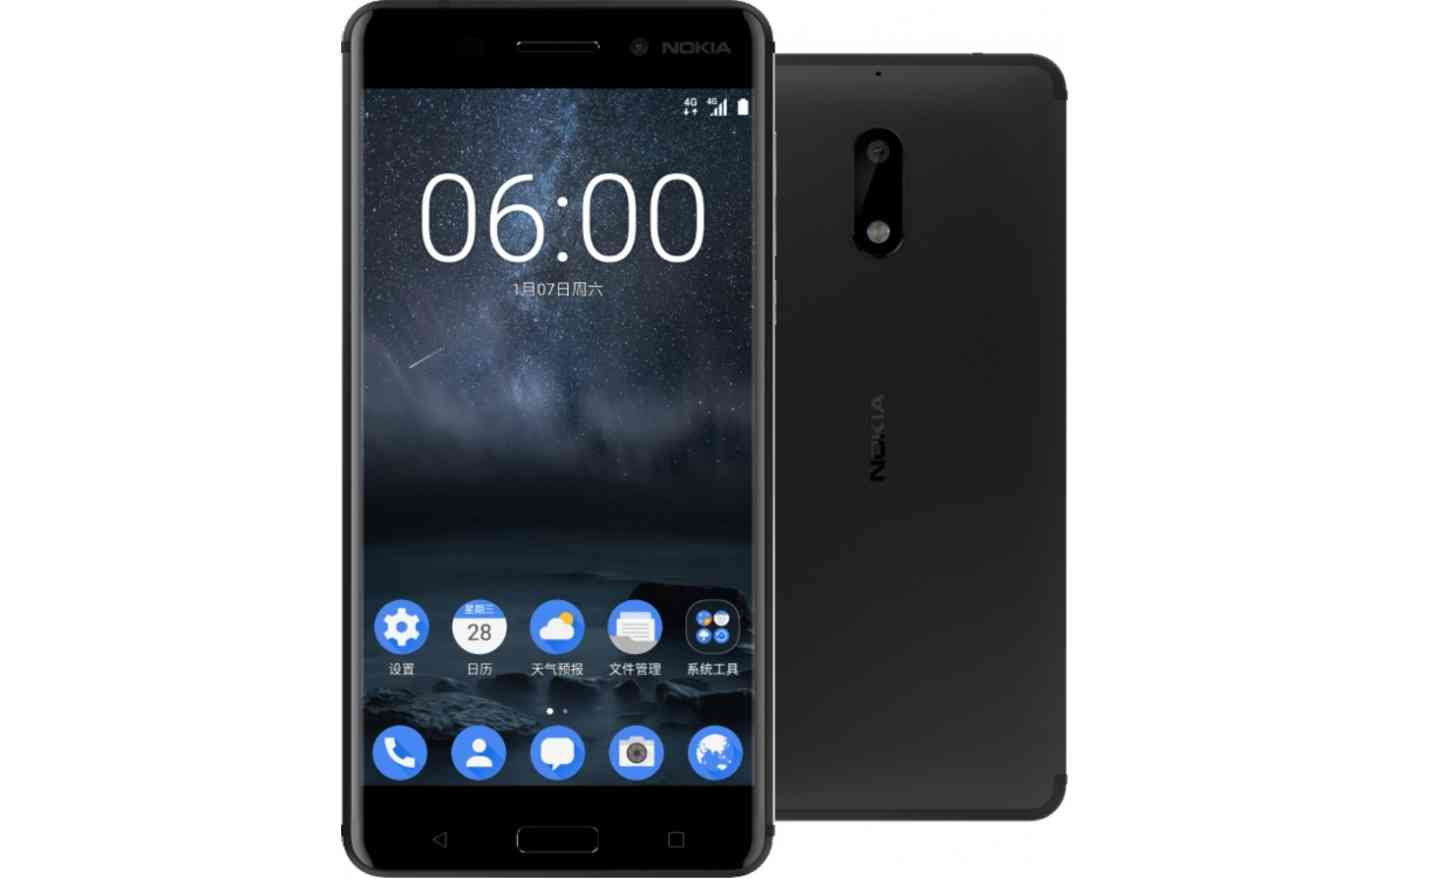 Yeni Nokia 6 smartfonu, 1 dəqiqə ərzində satış rekorduna imza atdı